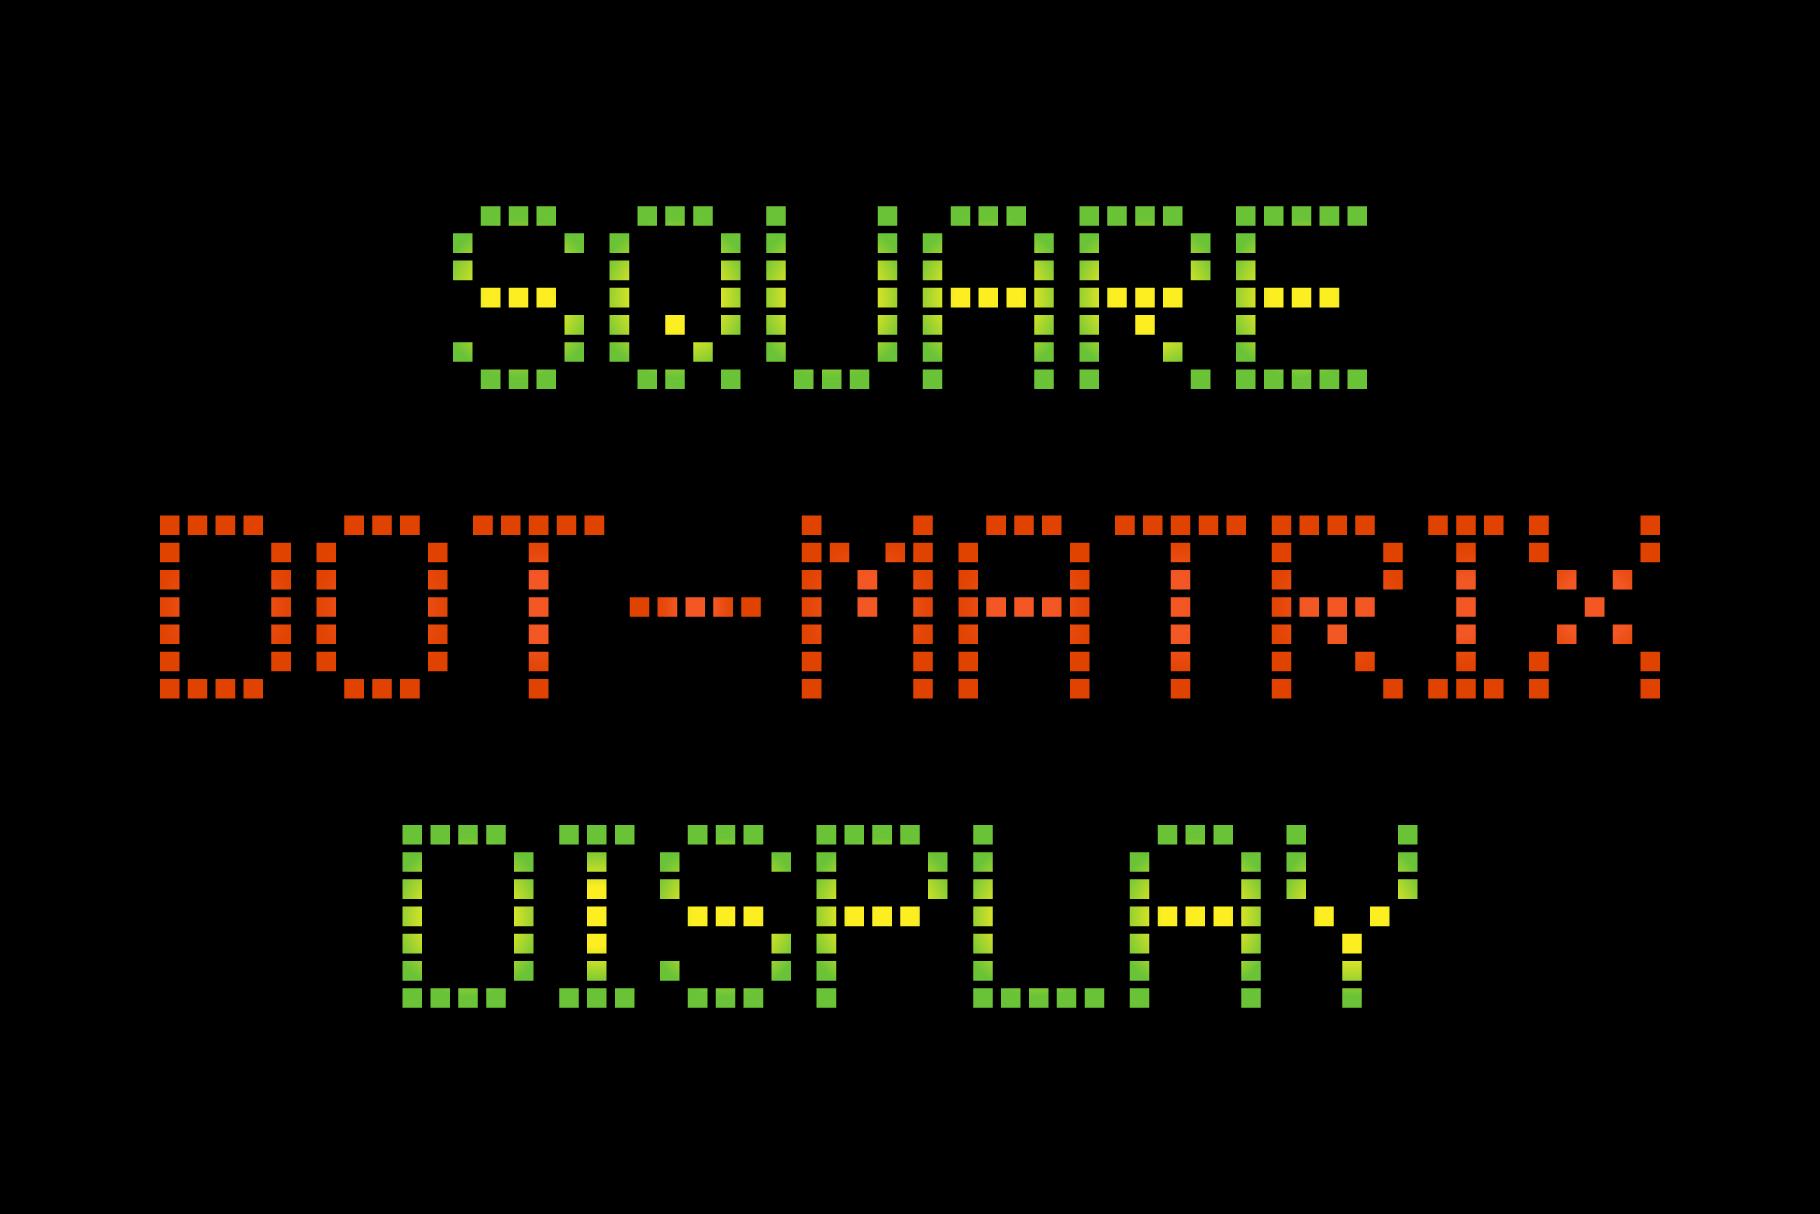 Square Dot-Matrix Display Font – Krafti Lab